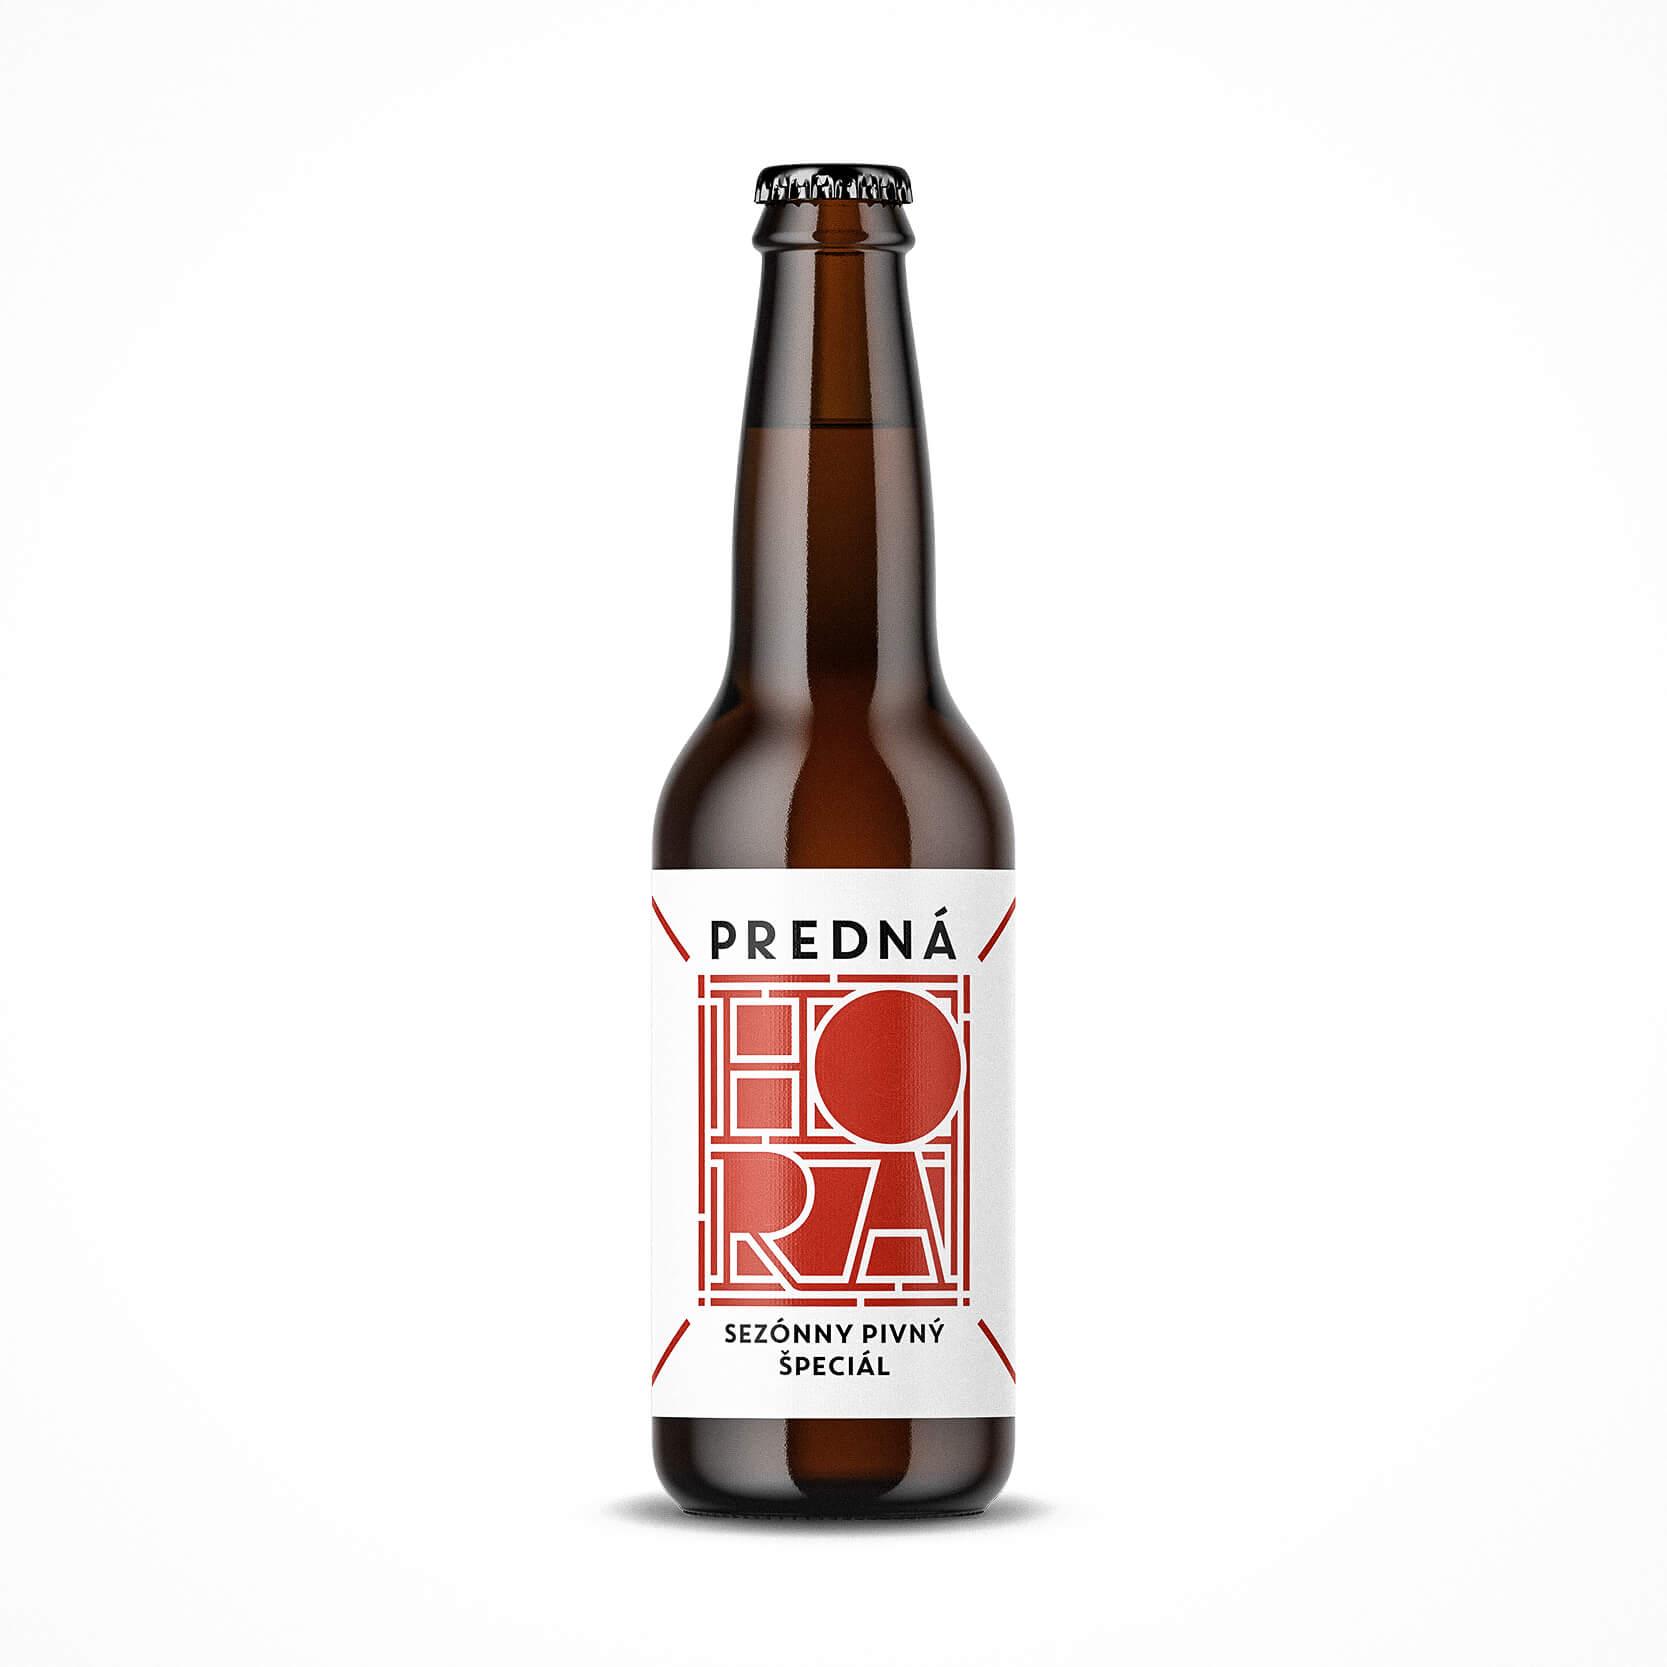 Etiketa na pivo, obalový dizajn pivný špeciál Predná Hora